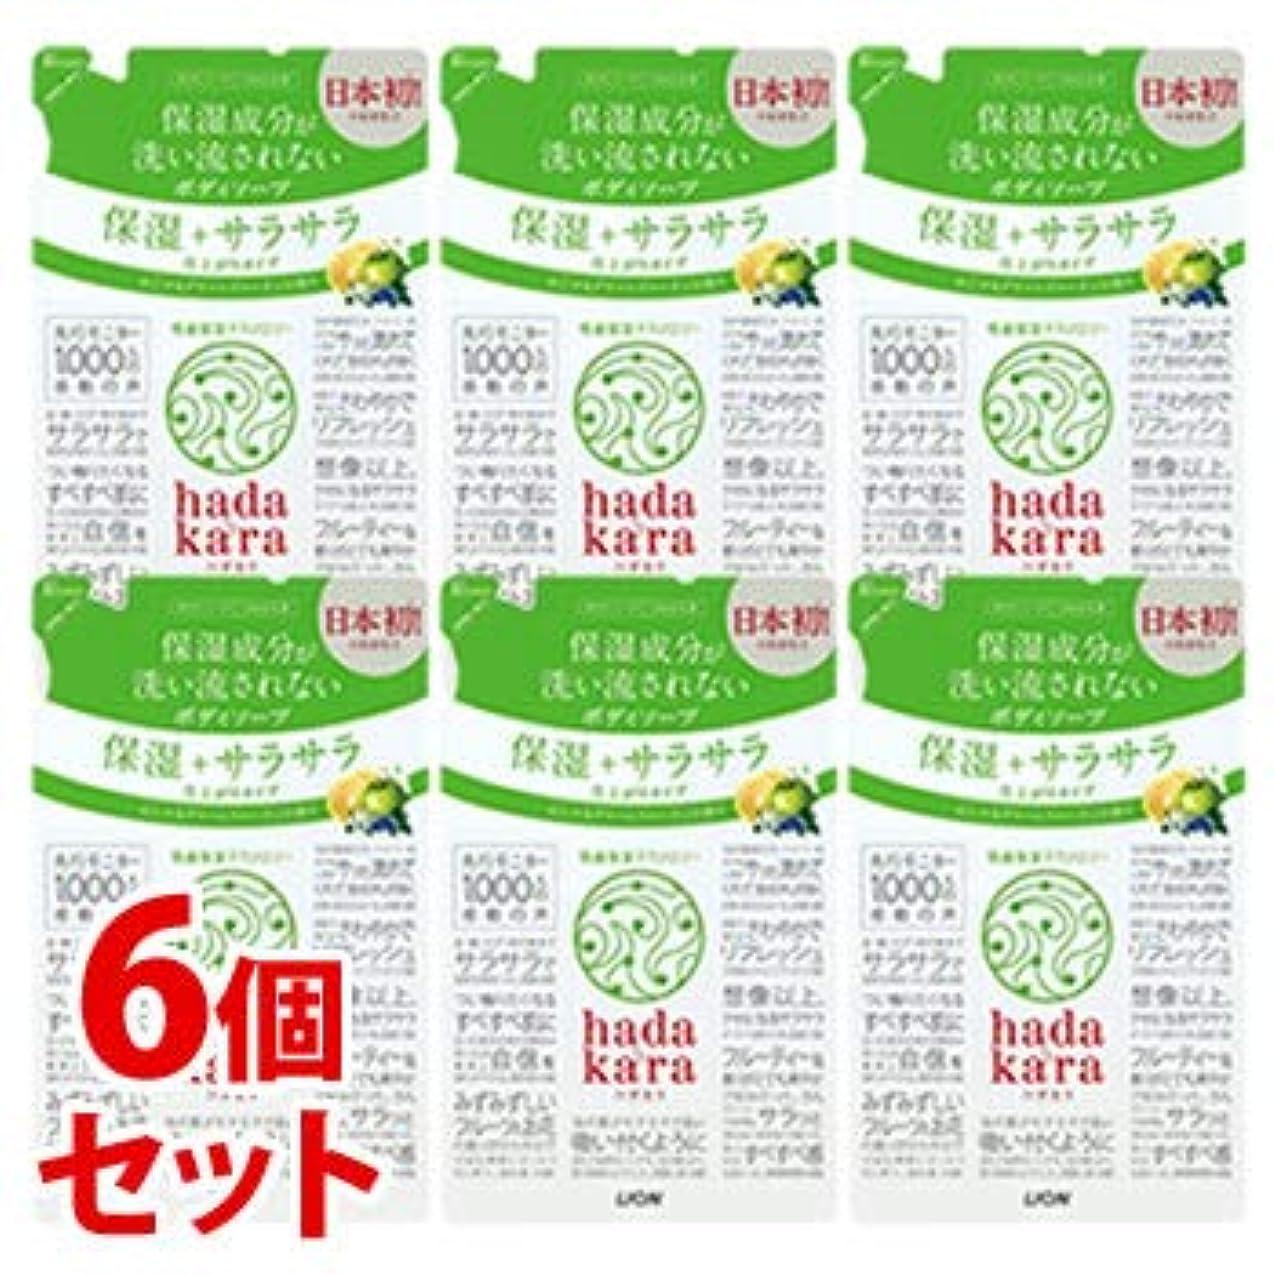 文芸また明日ね救援《セット販売》 ライオン ハダカラ hadakara ボディソープ 保湿+サラサラ仕上がりタイプ グリーンフルーティの香り つめかえ用 (340mL)×6個セット 詰め替え用